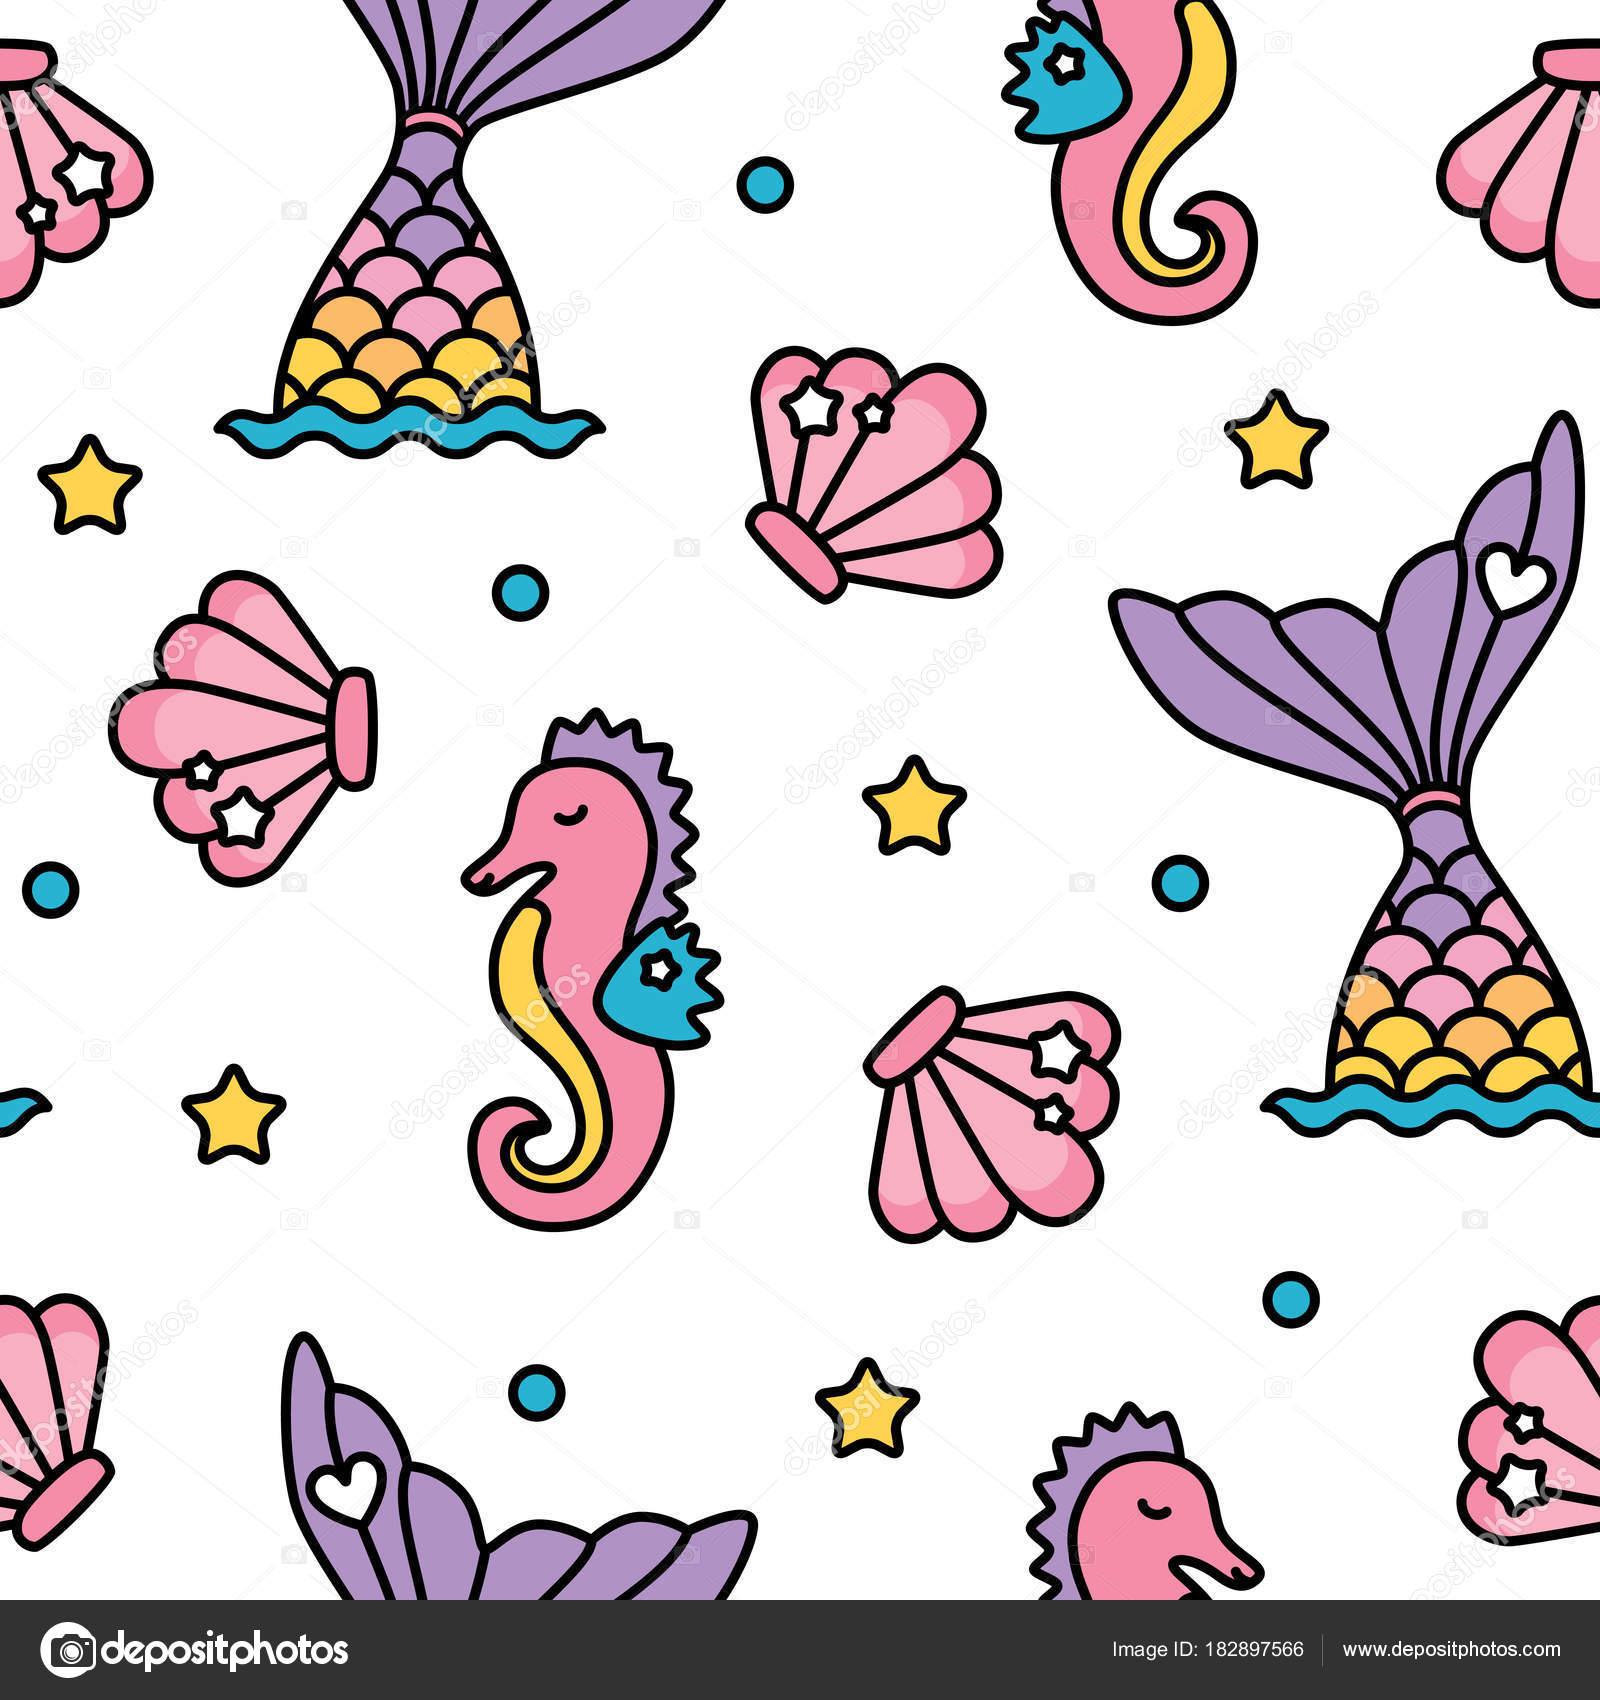 Sirena y Caballito de mar arco iris pastel color transparente patrón ...